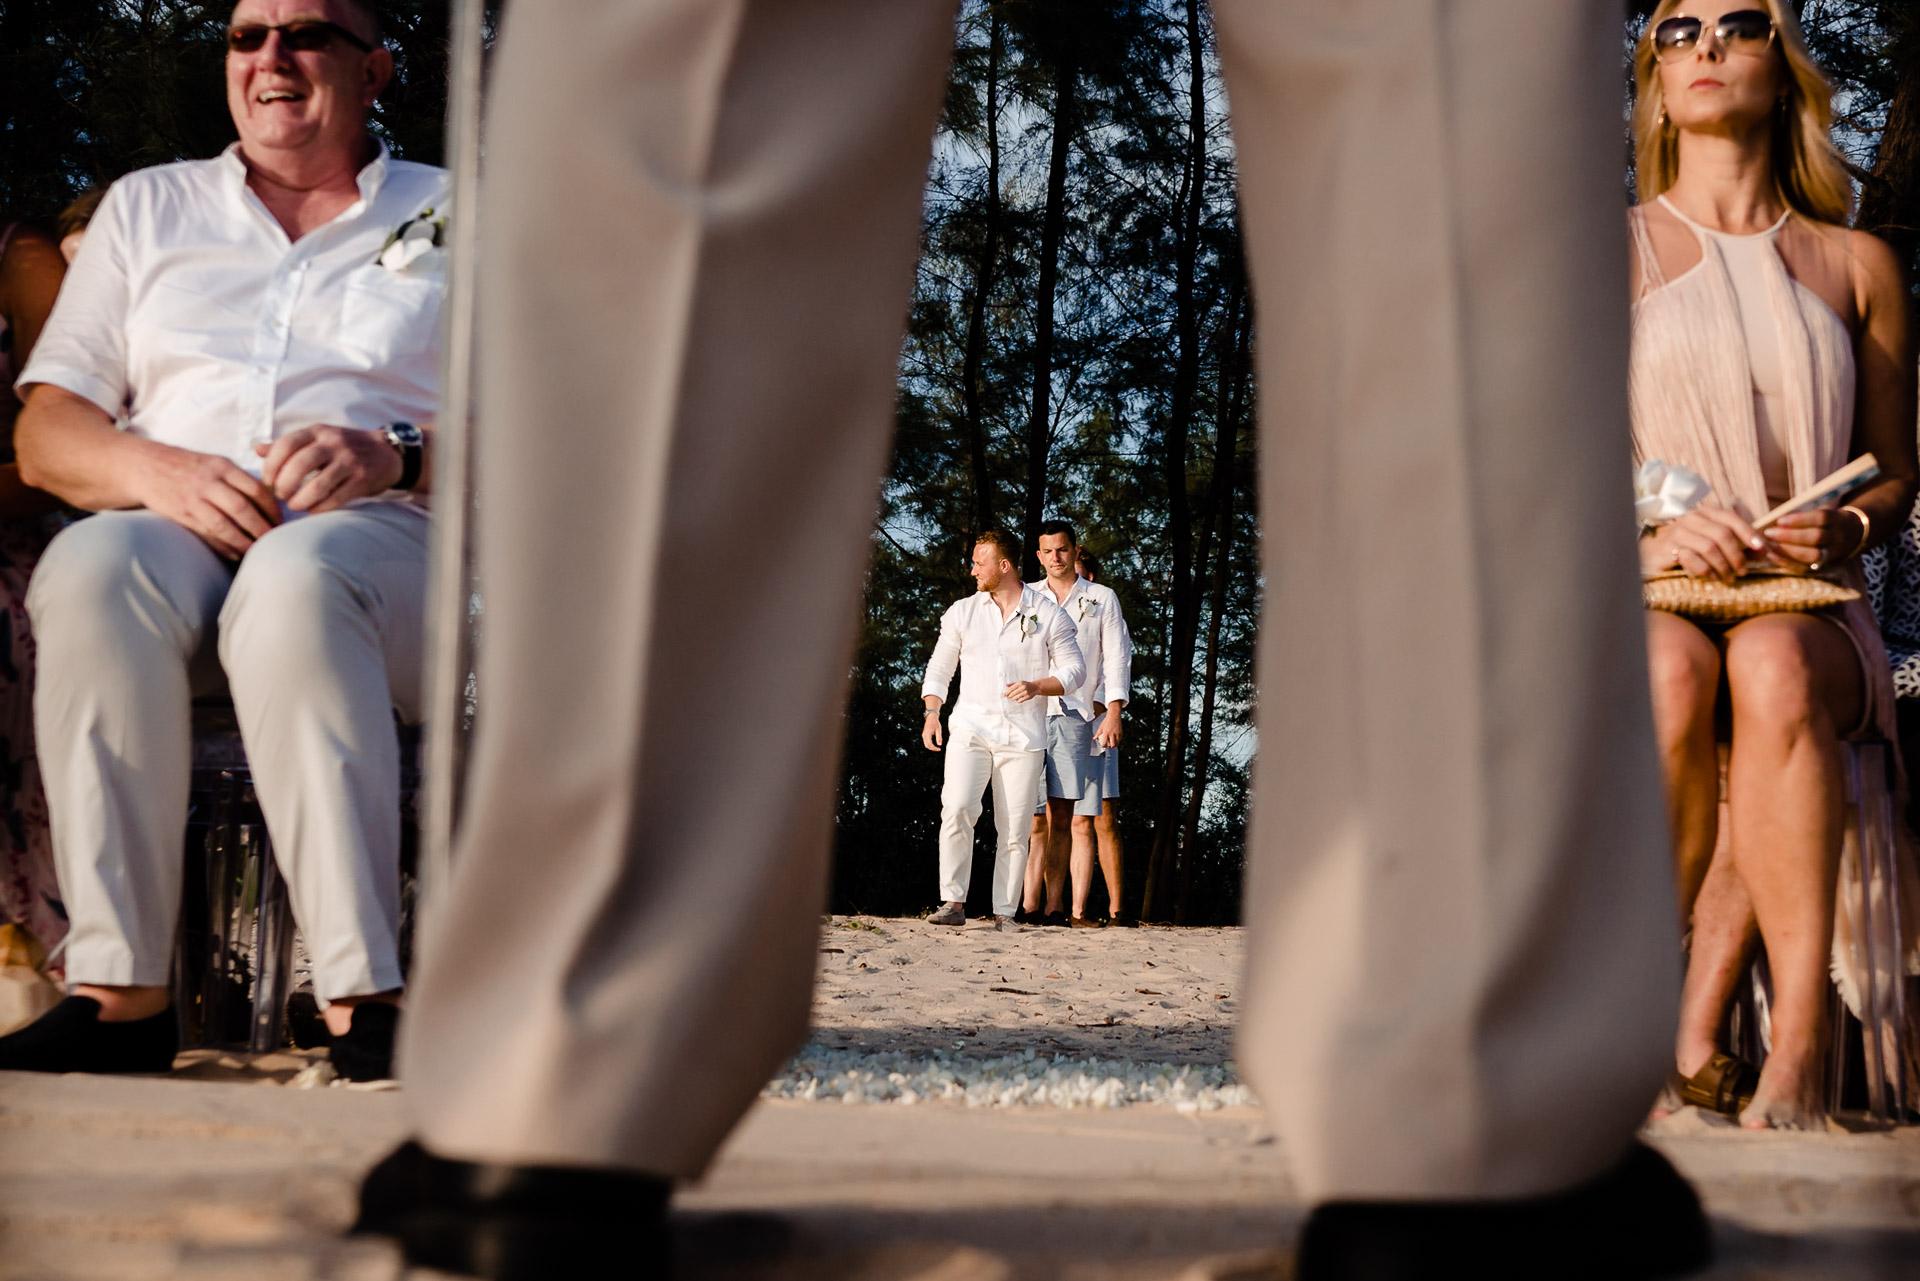 與層的婚禮照片| 進入儀式的新郎的圖像戶外